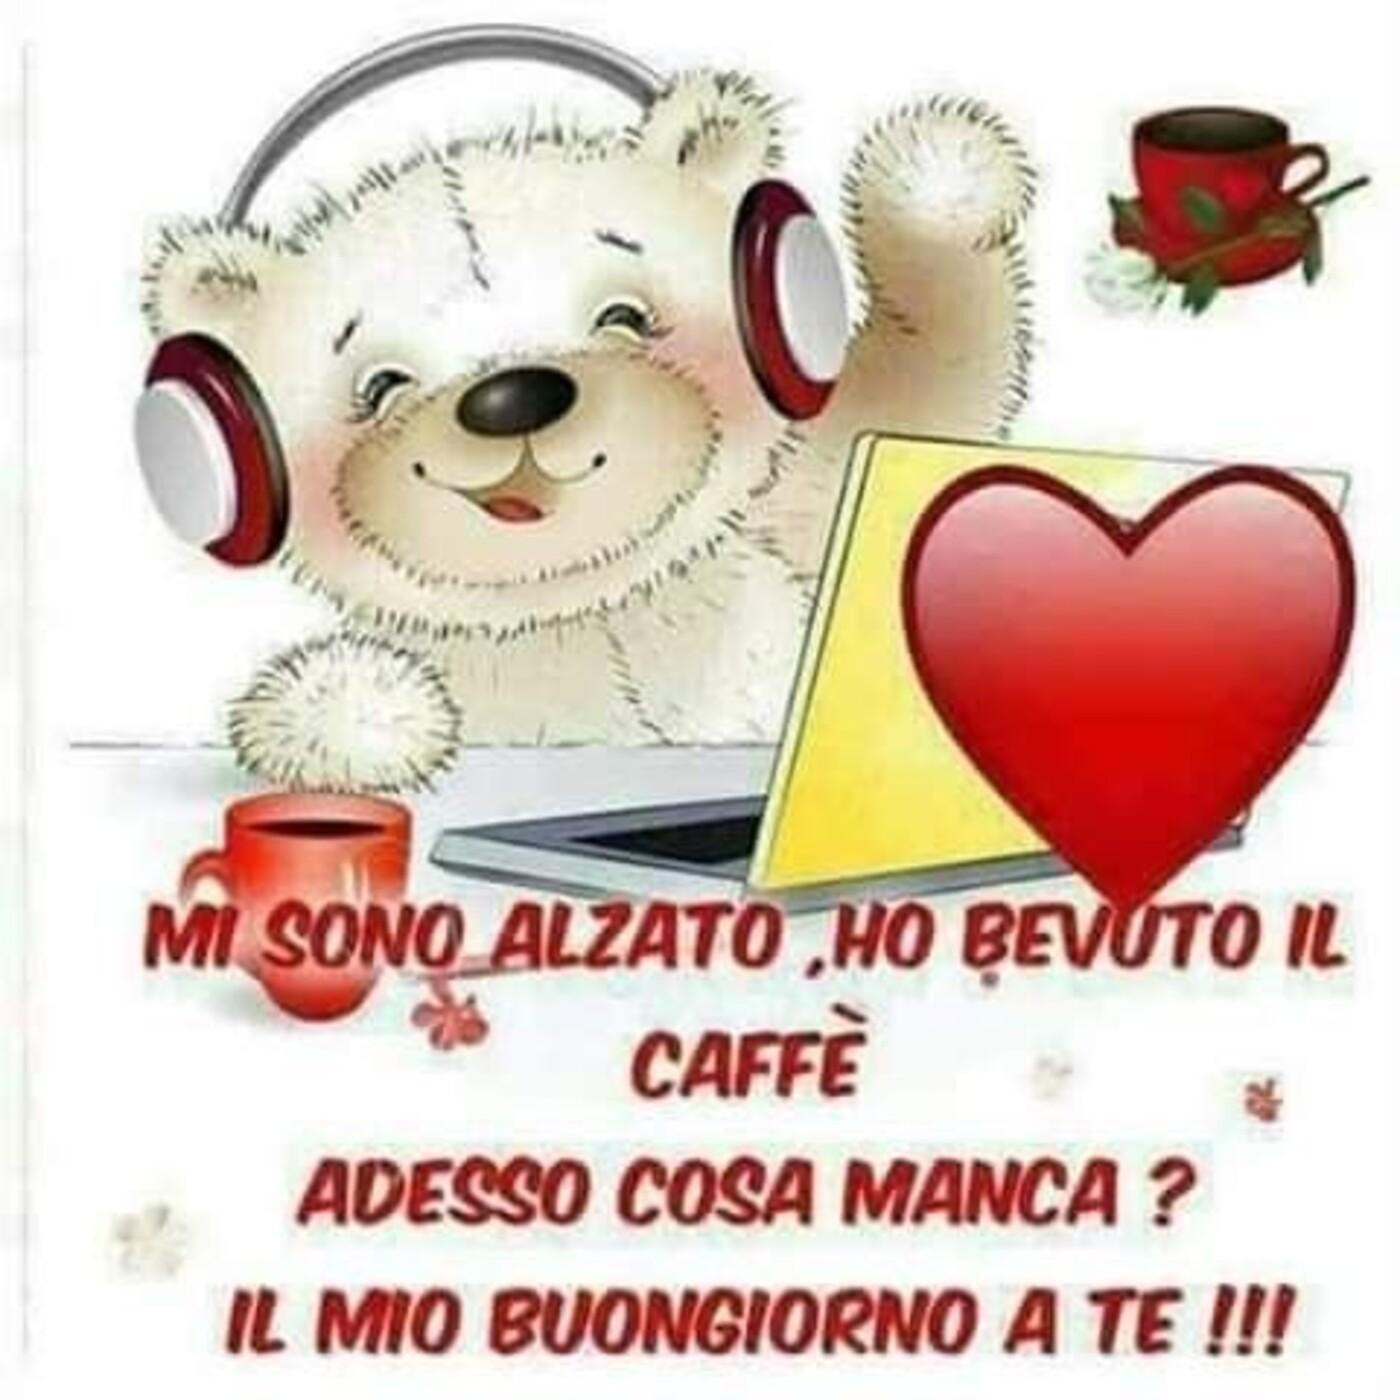 Mi sono alzato, ho bevuto il caffè. Adesso cosa manca? Il mio Buongiorno a te !!!